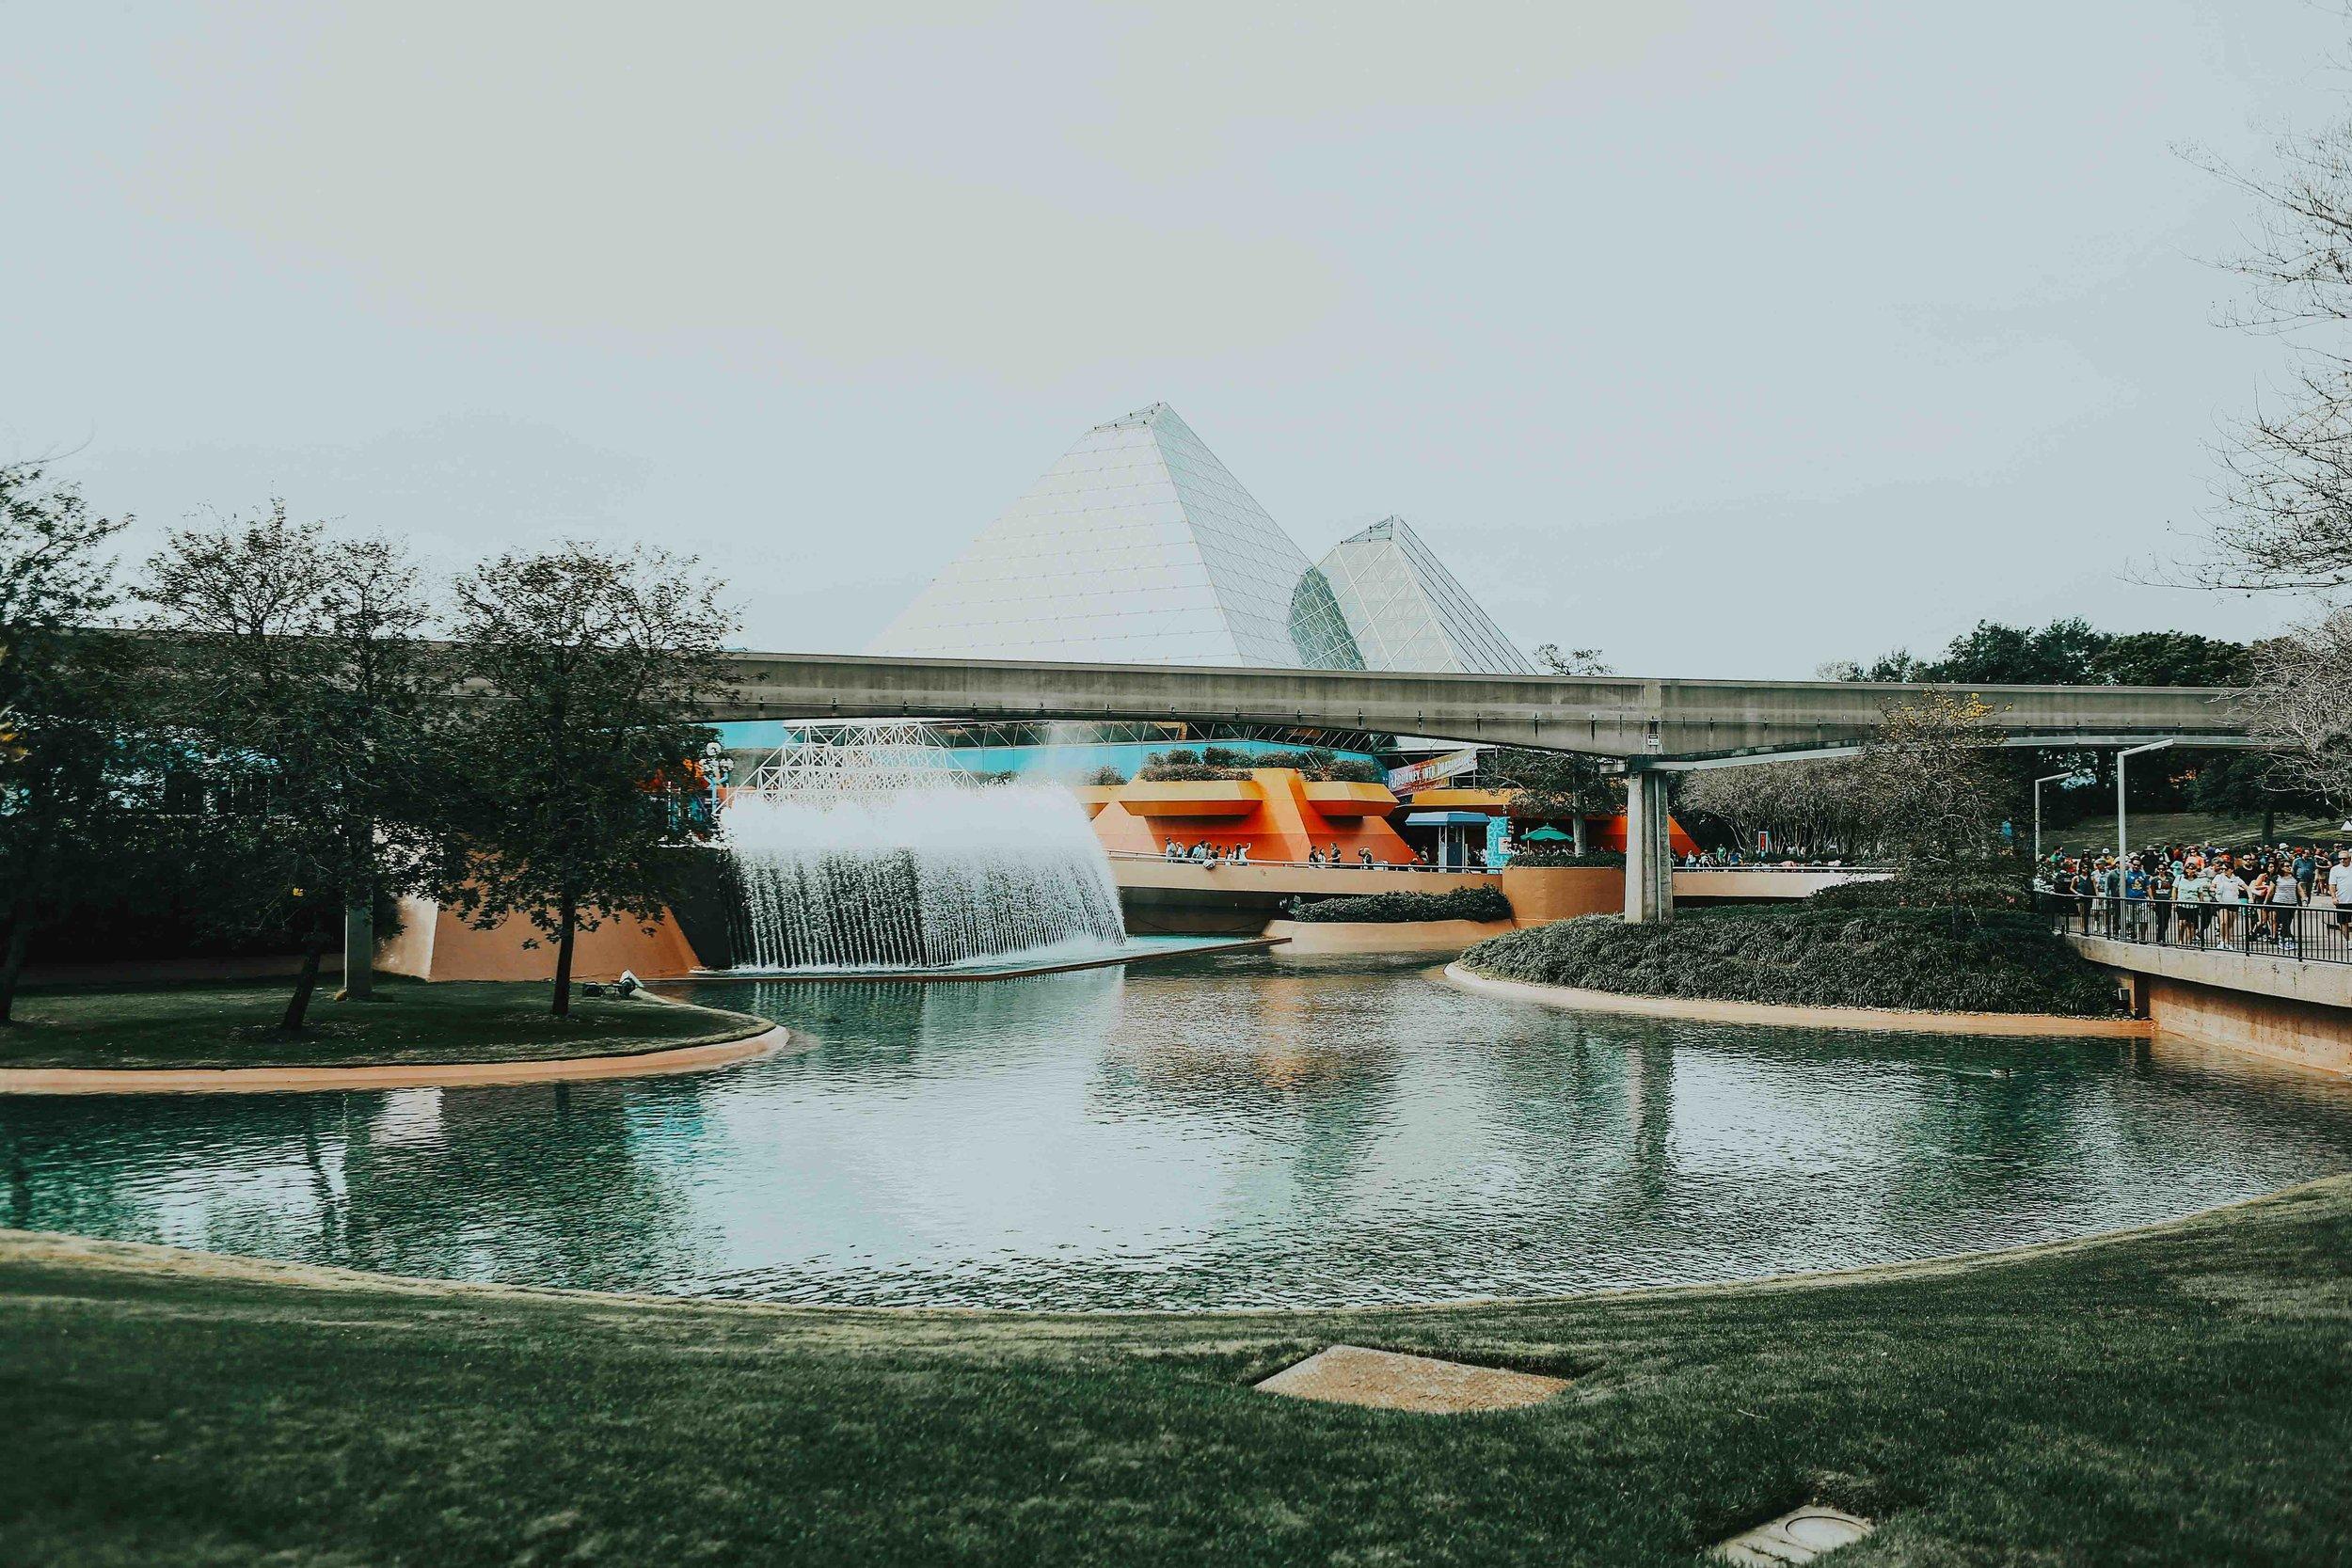 JPC_Trips_Orlando_Photos-0061.jpg